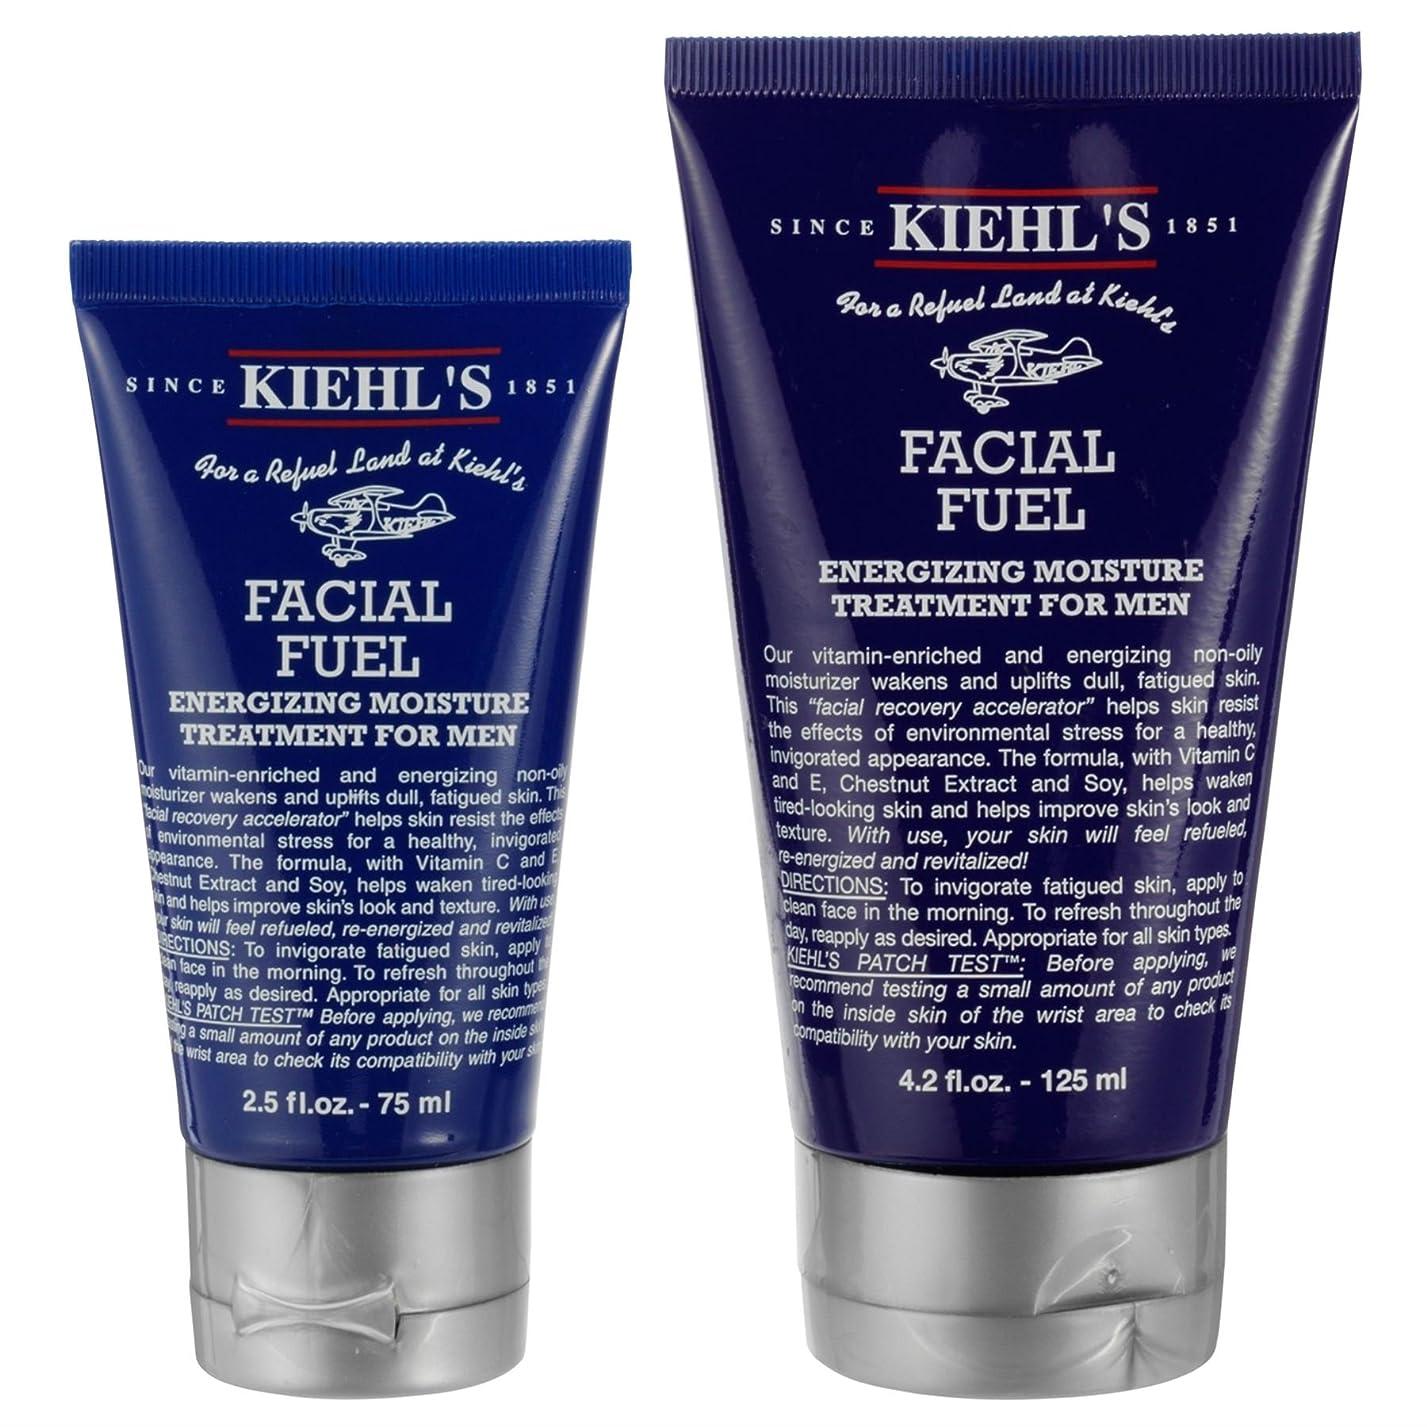 守るあえてピニオン[Kiehl's ] Kiehls究極の男の顔燃料75ミリリットル - Kiehls Ultimate Man Facial Fuel 75ml [並行輸入品]